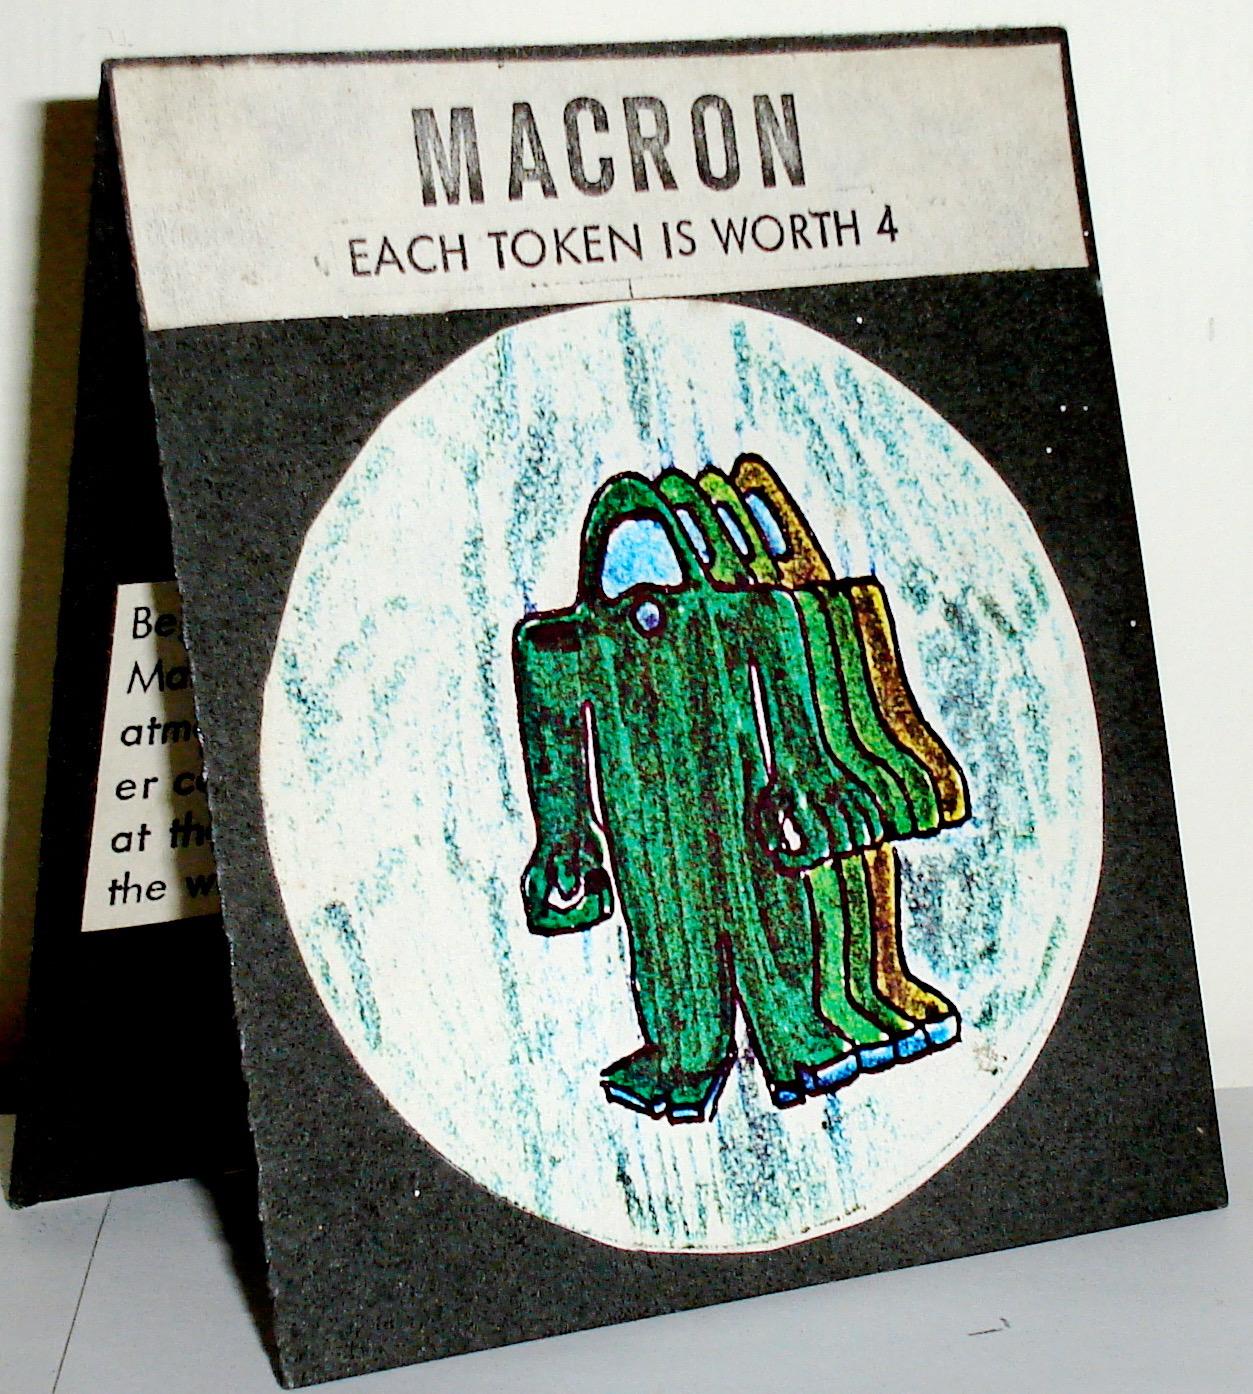 ce-old-macron.jpg